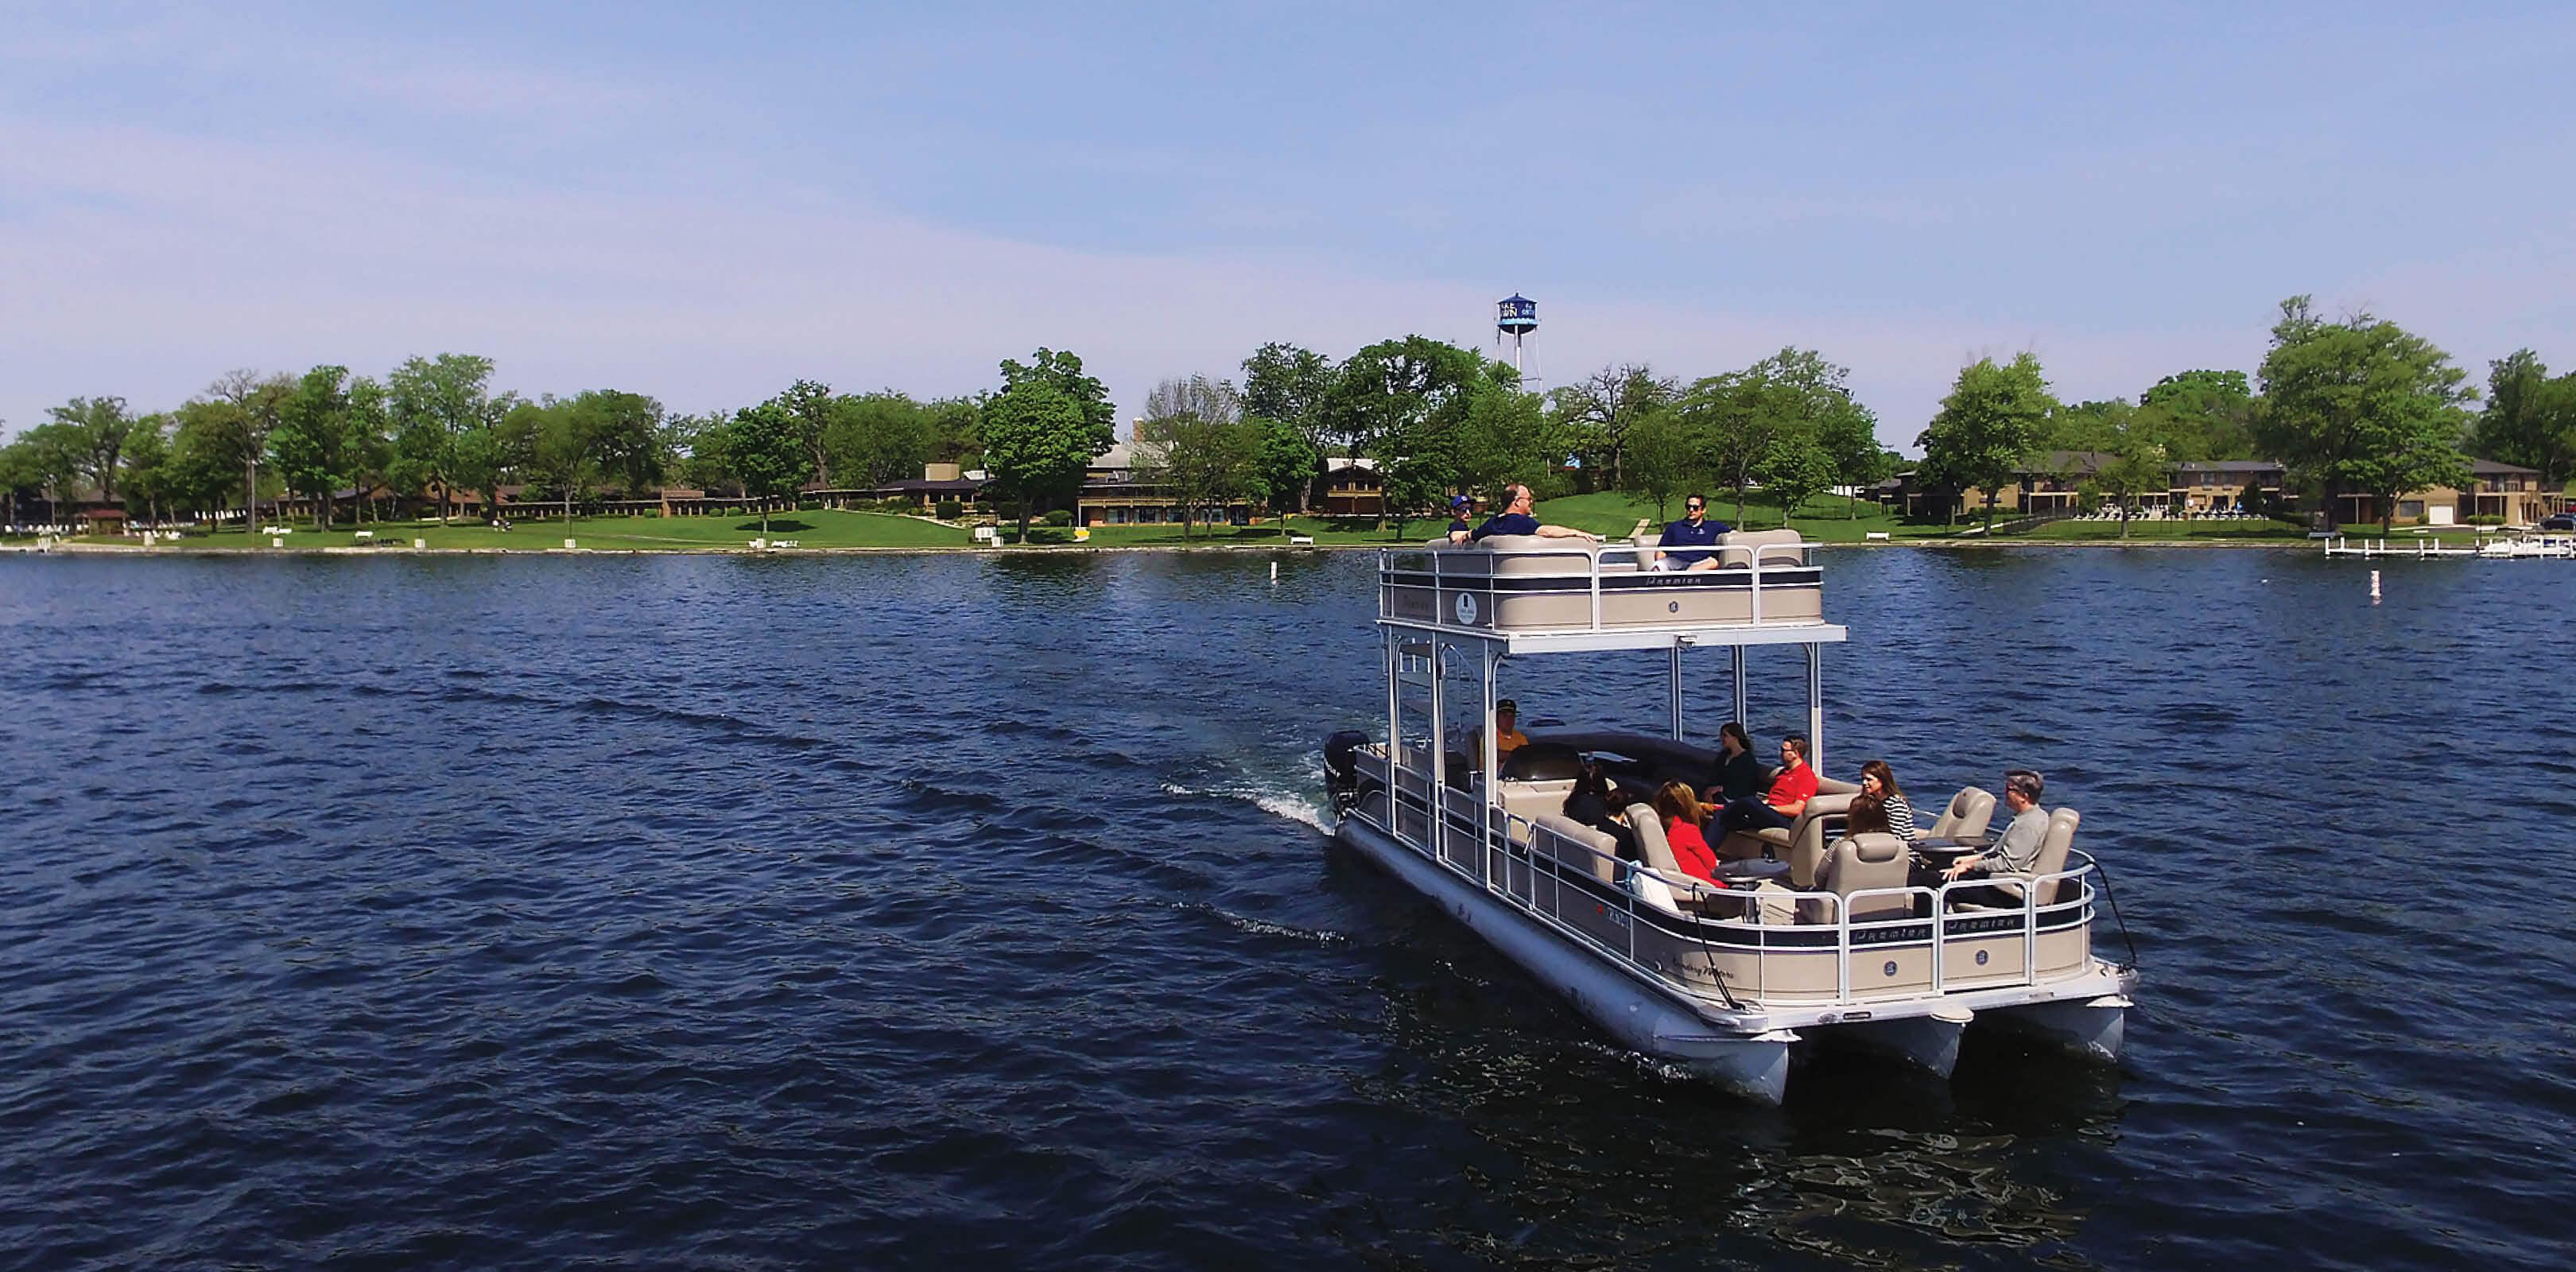 Double Deck Pontoon Boat on Delavan Lake